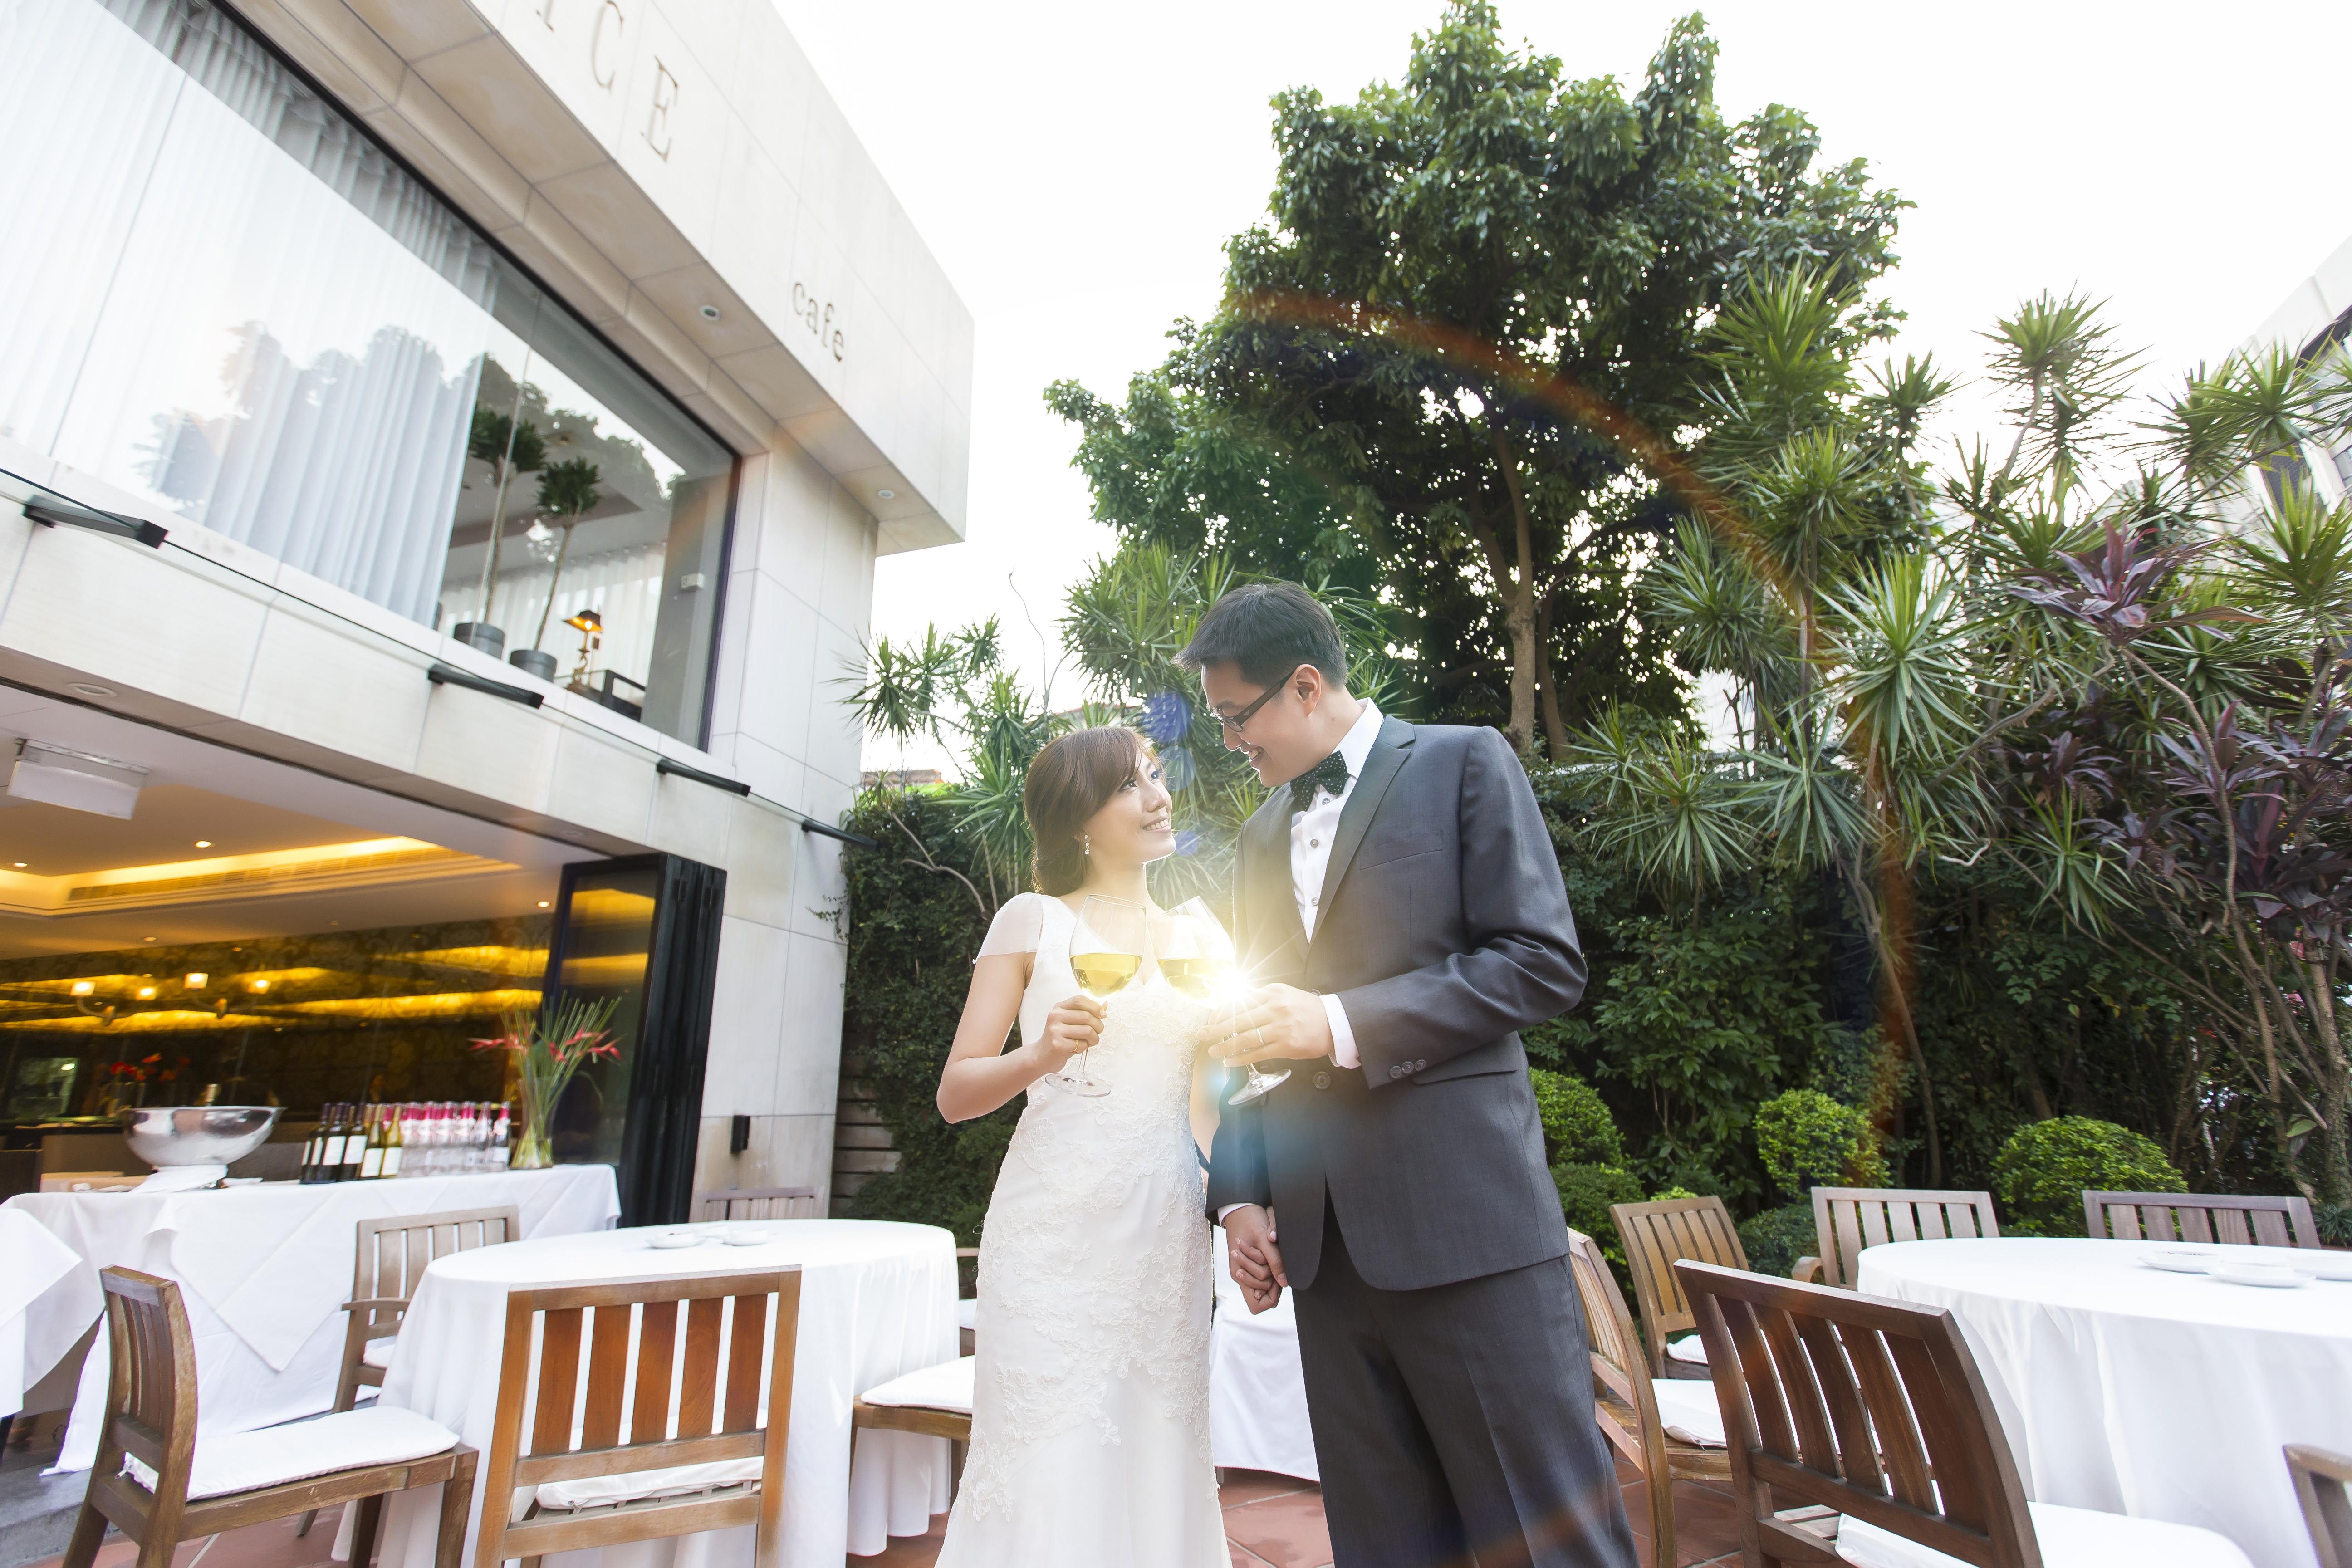 婚禮攝影 CH婚紗 & vera wang 彥勳+儷穗 婚禮紀錄